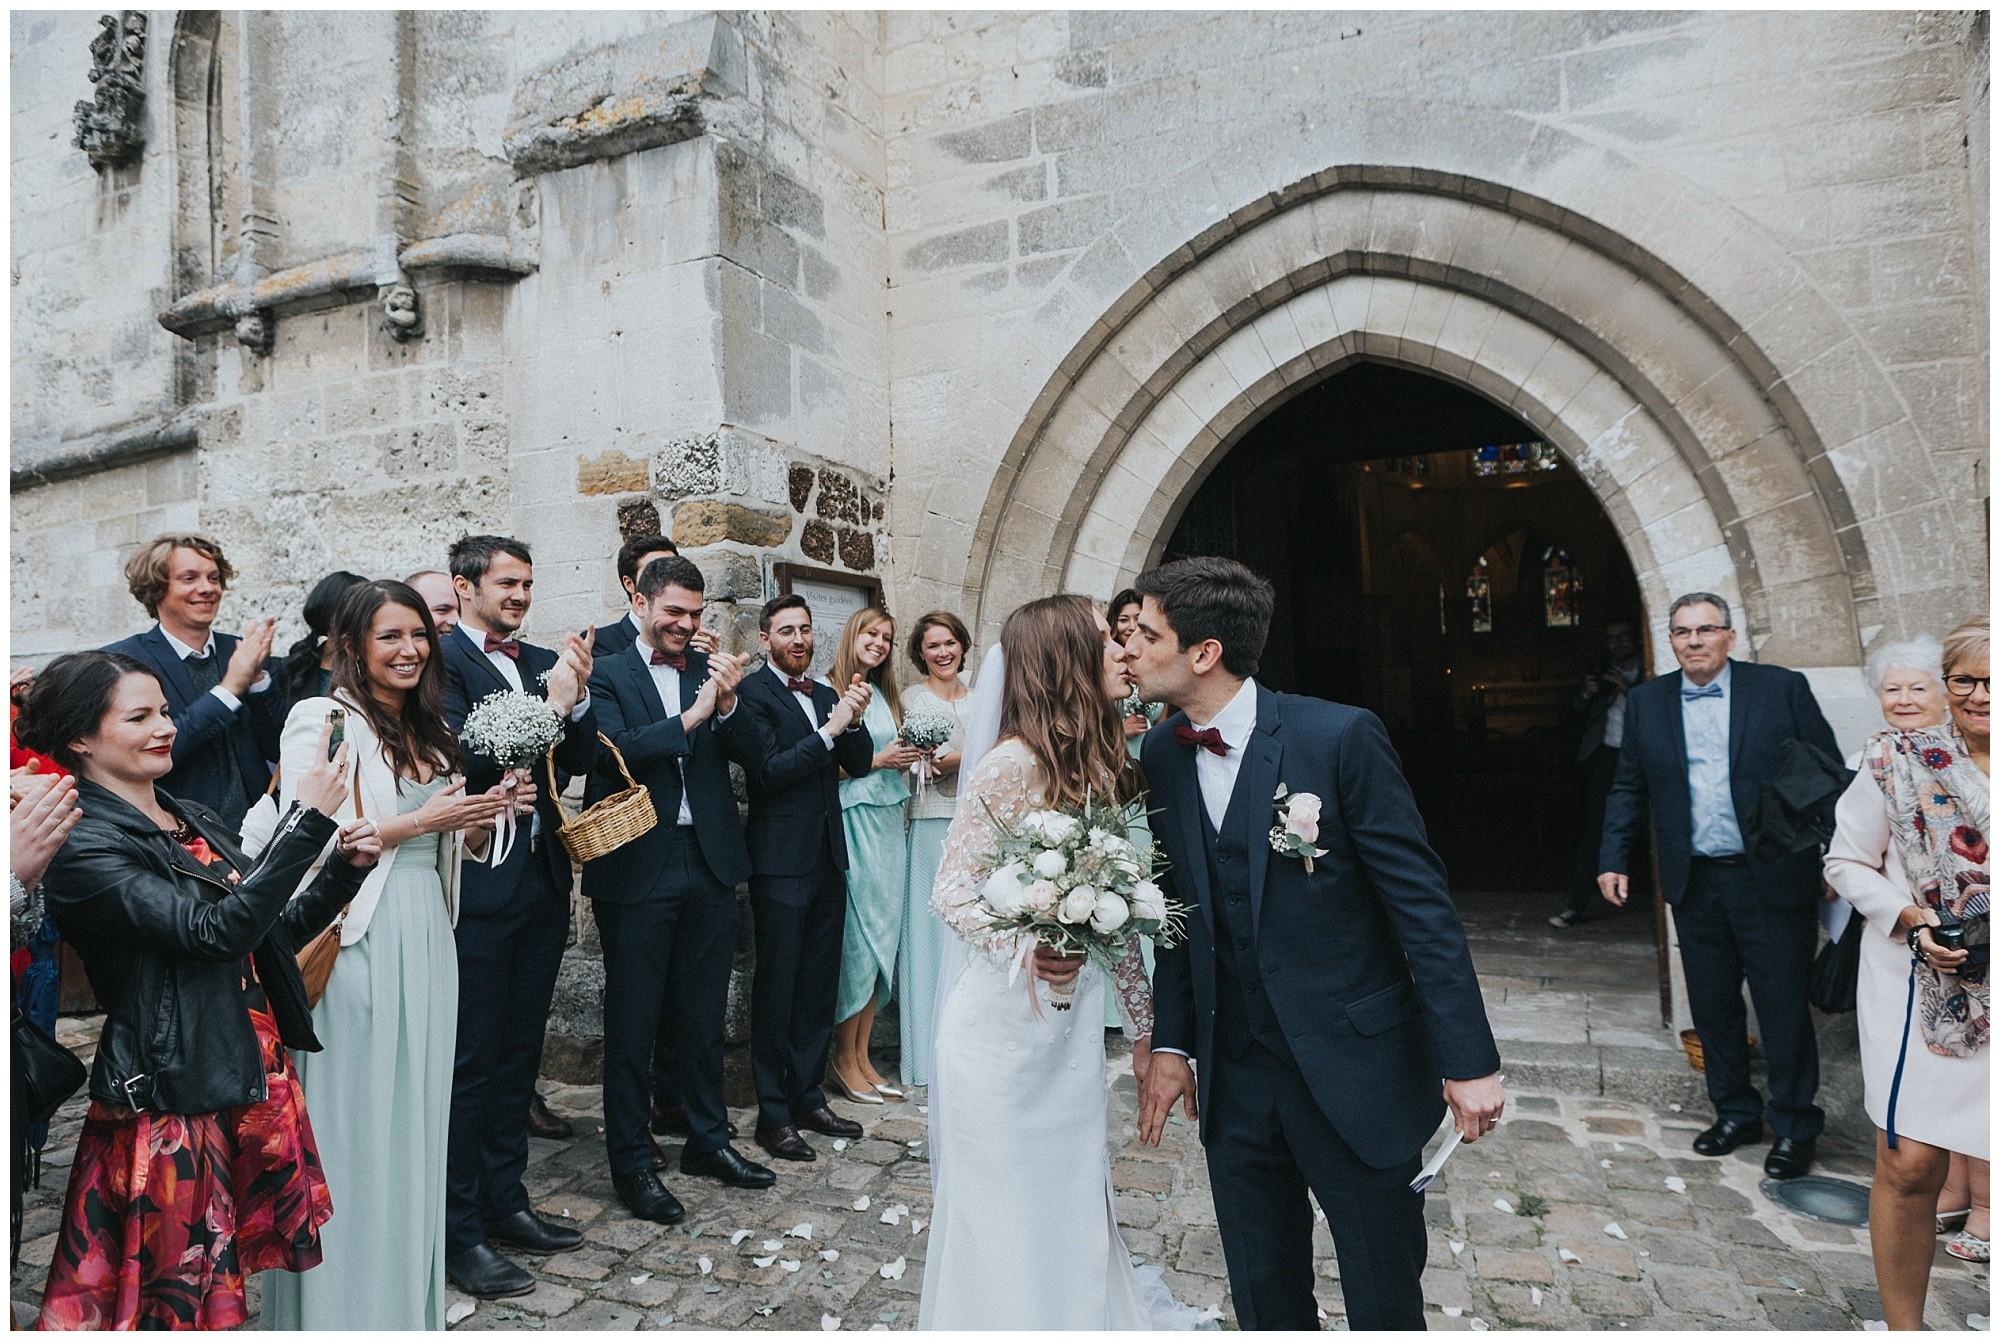 Eglise Saint-Martin-de-Nonancourt-photographer-rouen-domaine-des-evis-mariage-normandie-celebration-sortie-eglise-joie-bisous